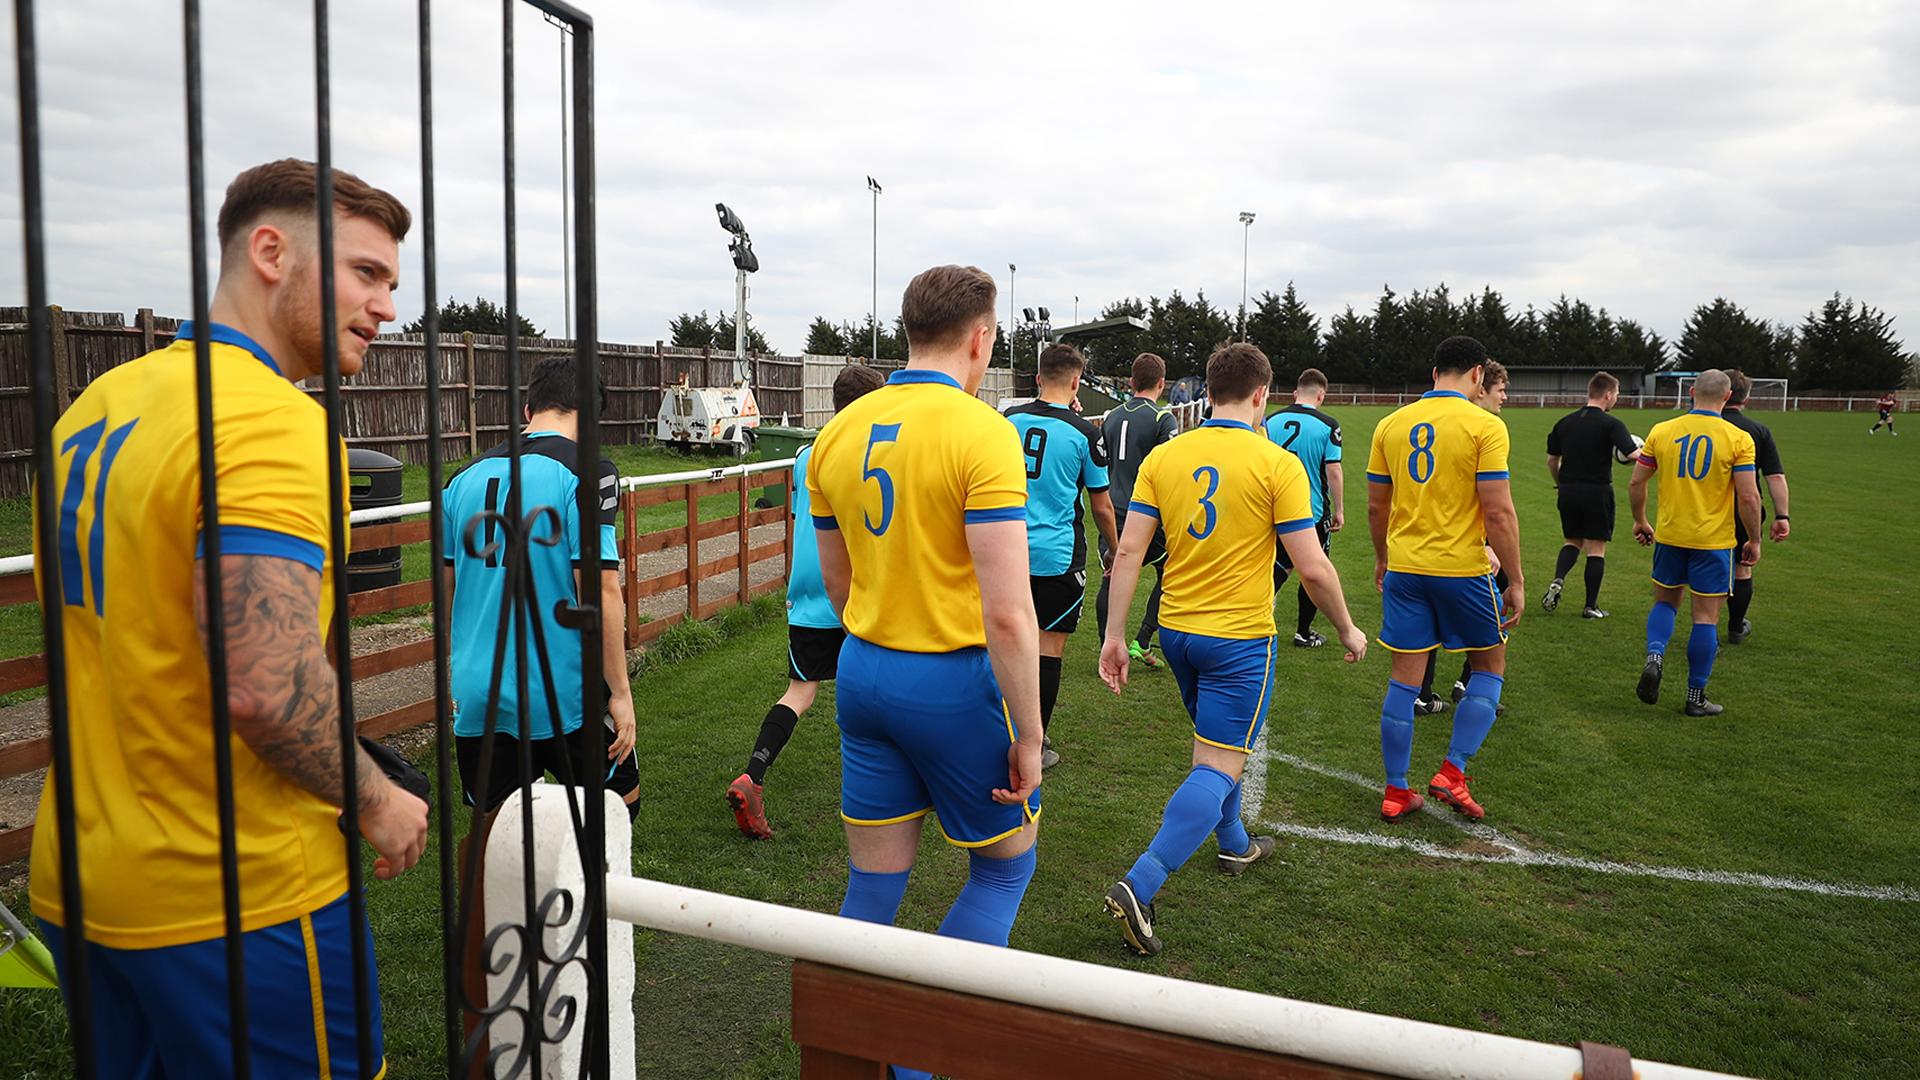 Bedfont & Feltham v Farnham Town Football League Division One